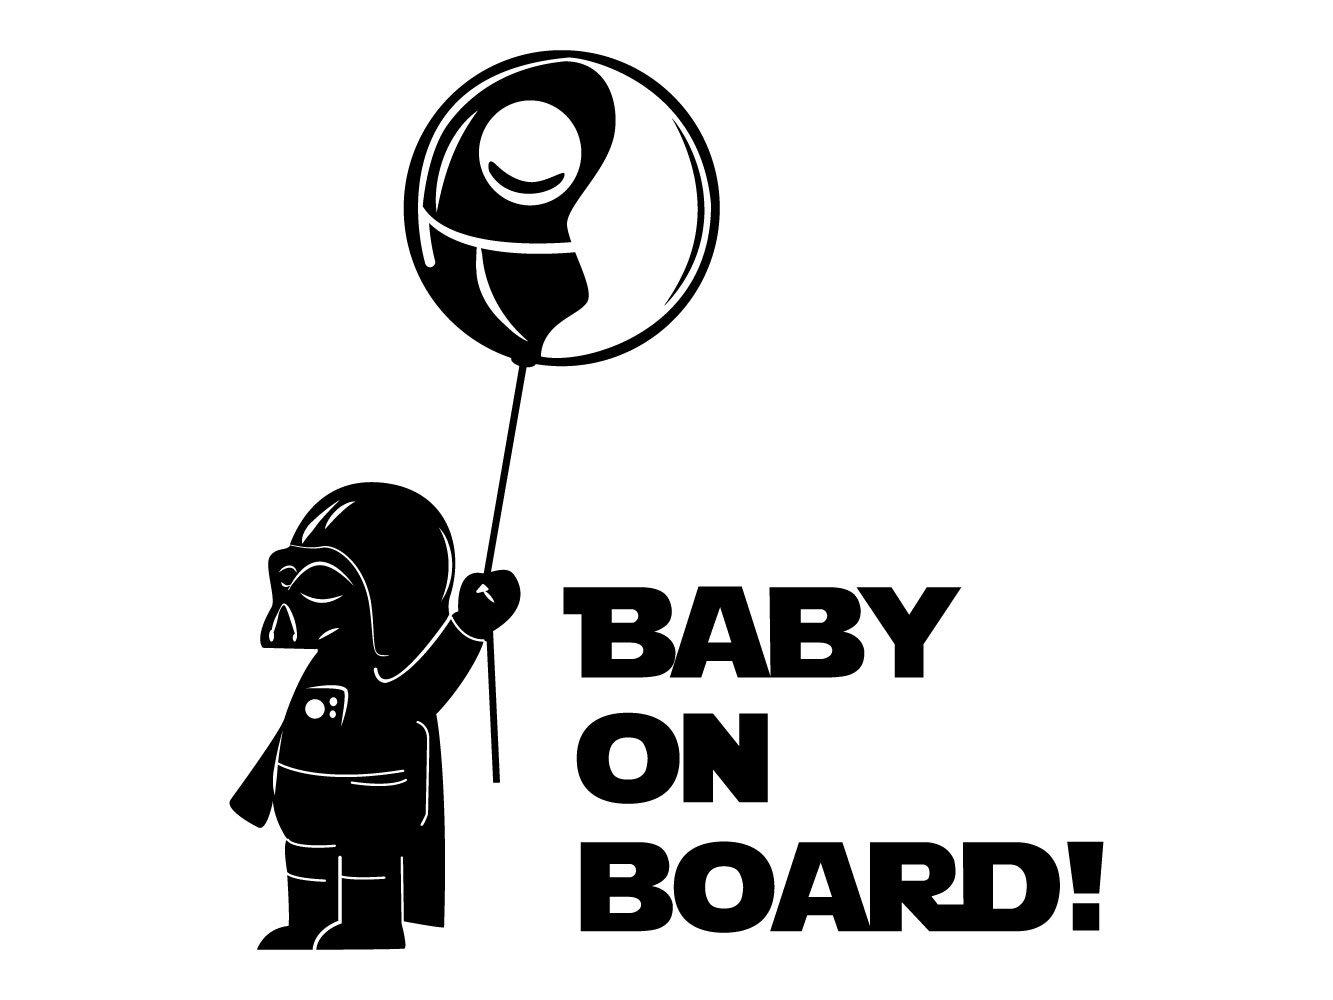 Oedim Pegatina Baby on Board Globo Negro   20 x 20 cm   Adhesivo de Fácil Colocación   Pegatina para Coche Económica y Resistente